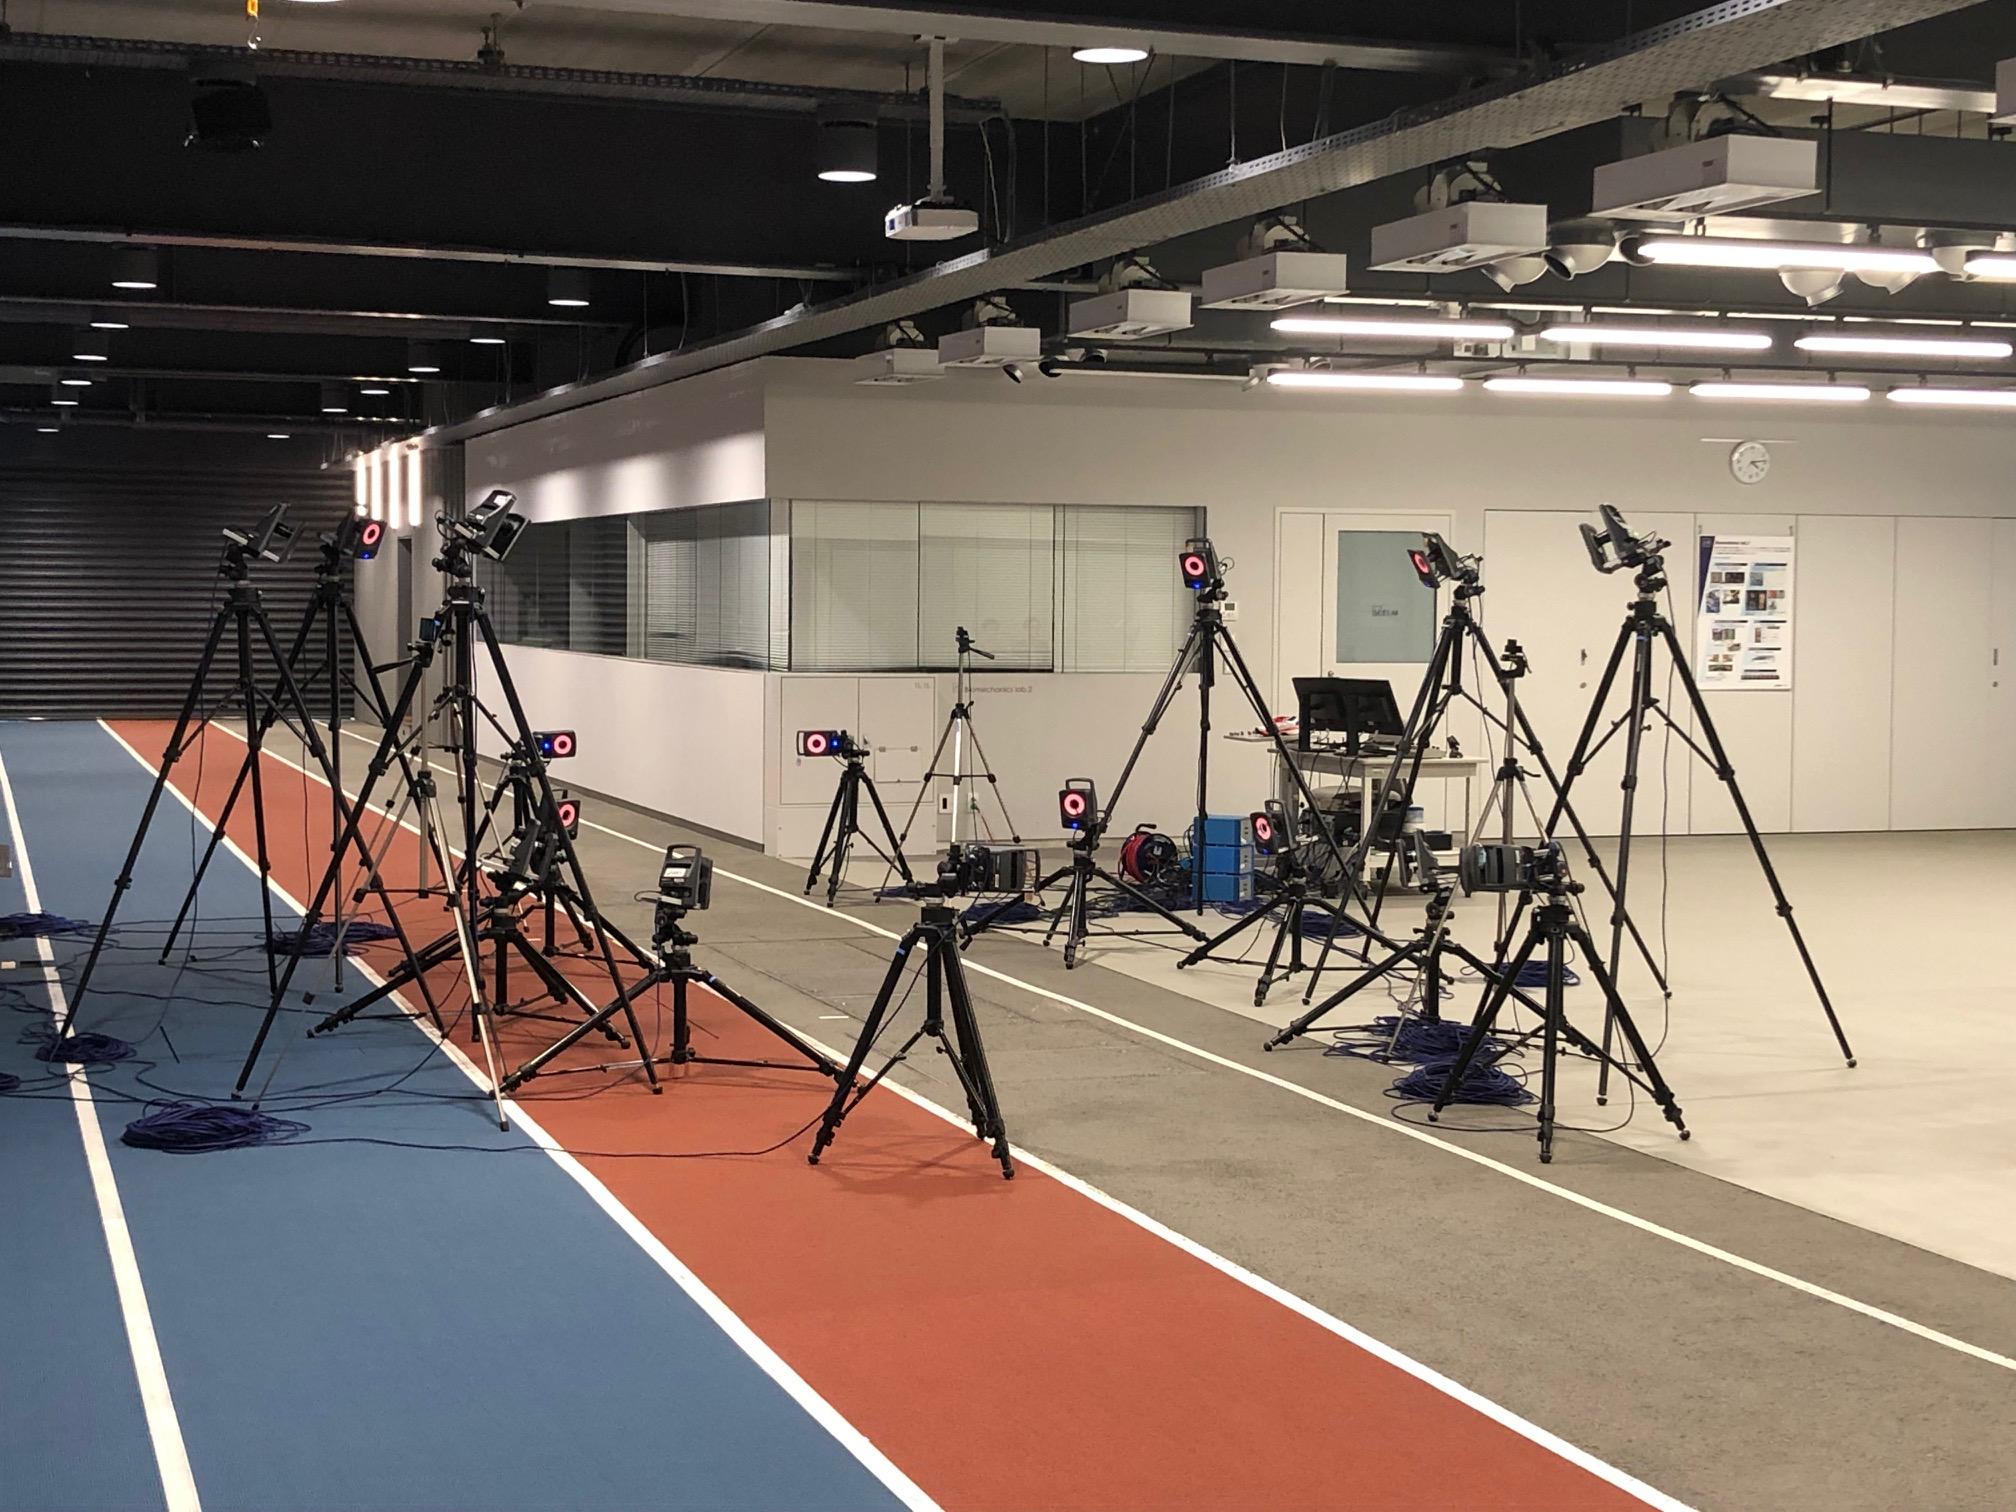 アシックススポーツ工学研究所の内部。中央に配置された数多くのカメラが、モーションキャプチャなどを撮る「光学式三次元動作分析システム」